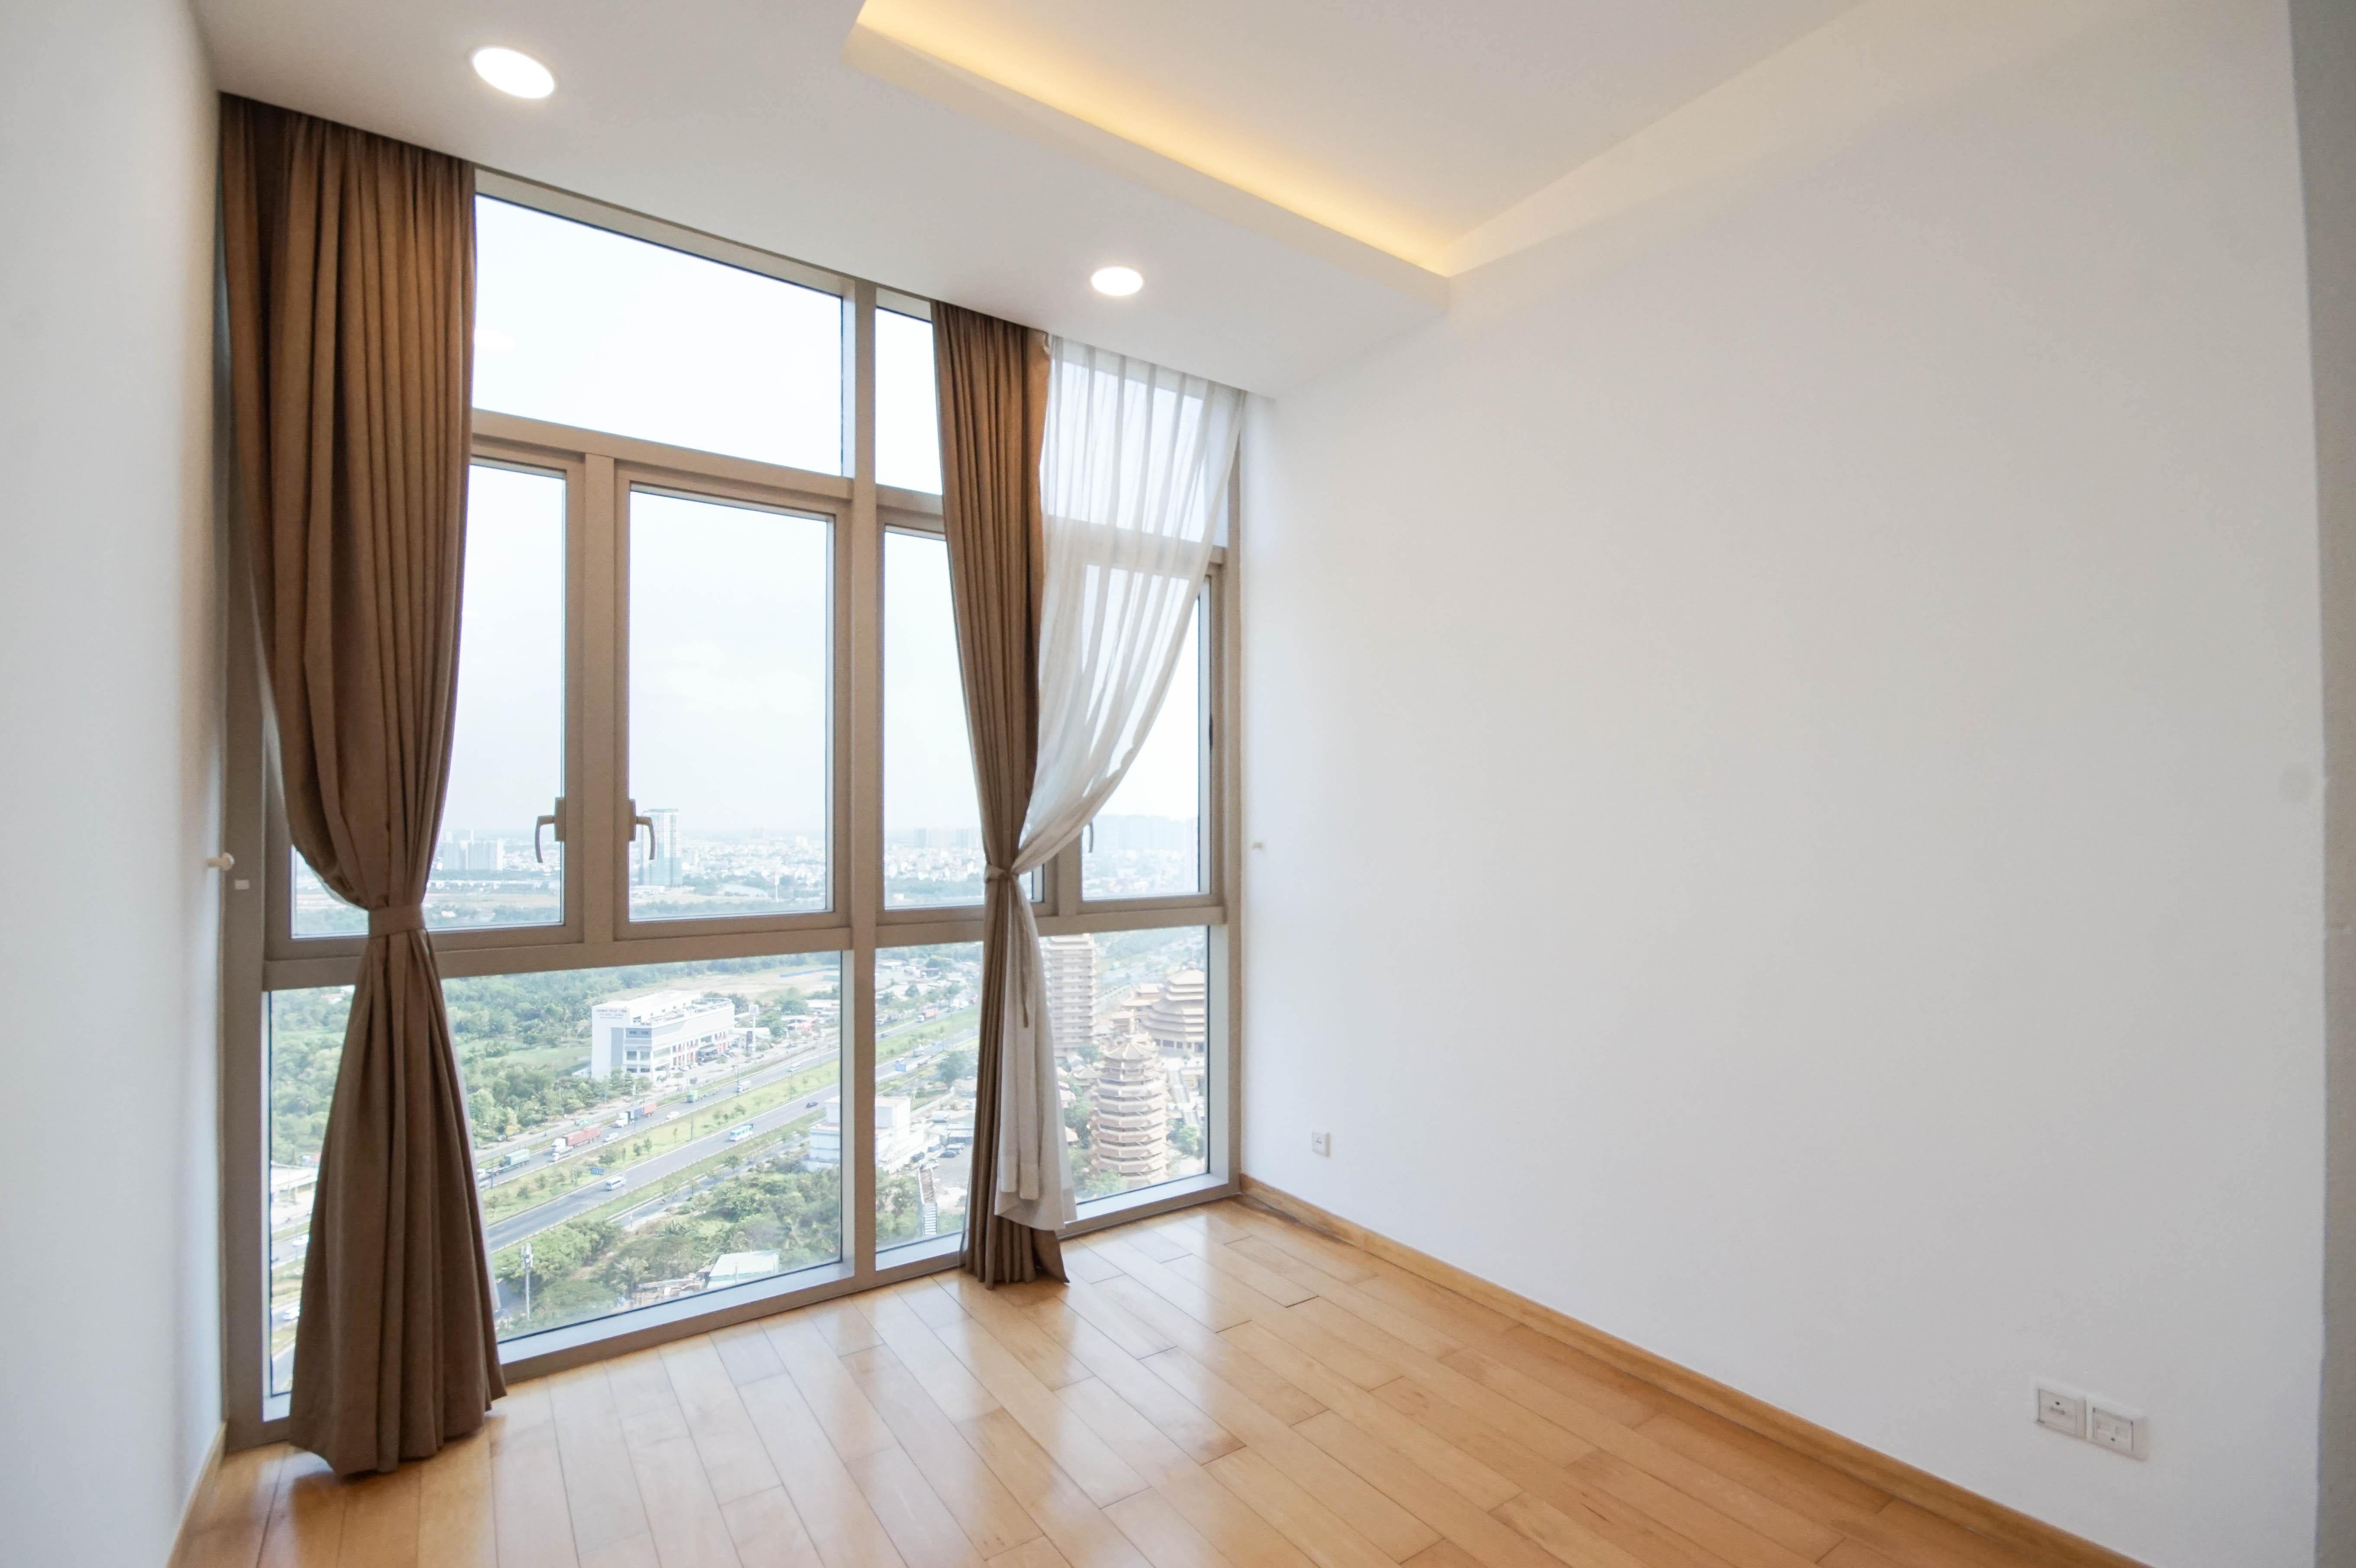 Căn hộ 4 PN The Vista - Đầy Đủ Nội Thất - Căn Penthouse Cực Đẹp Và Tràn Ngập Ánh Sáng-18